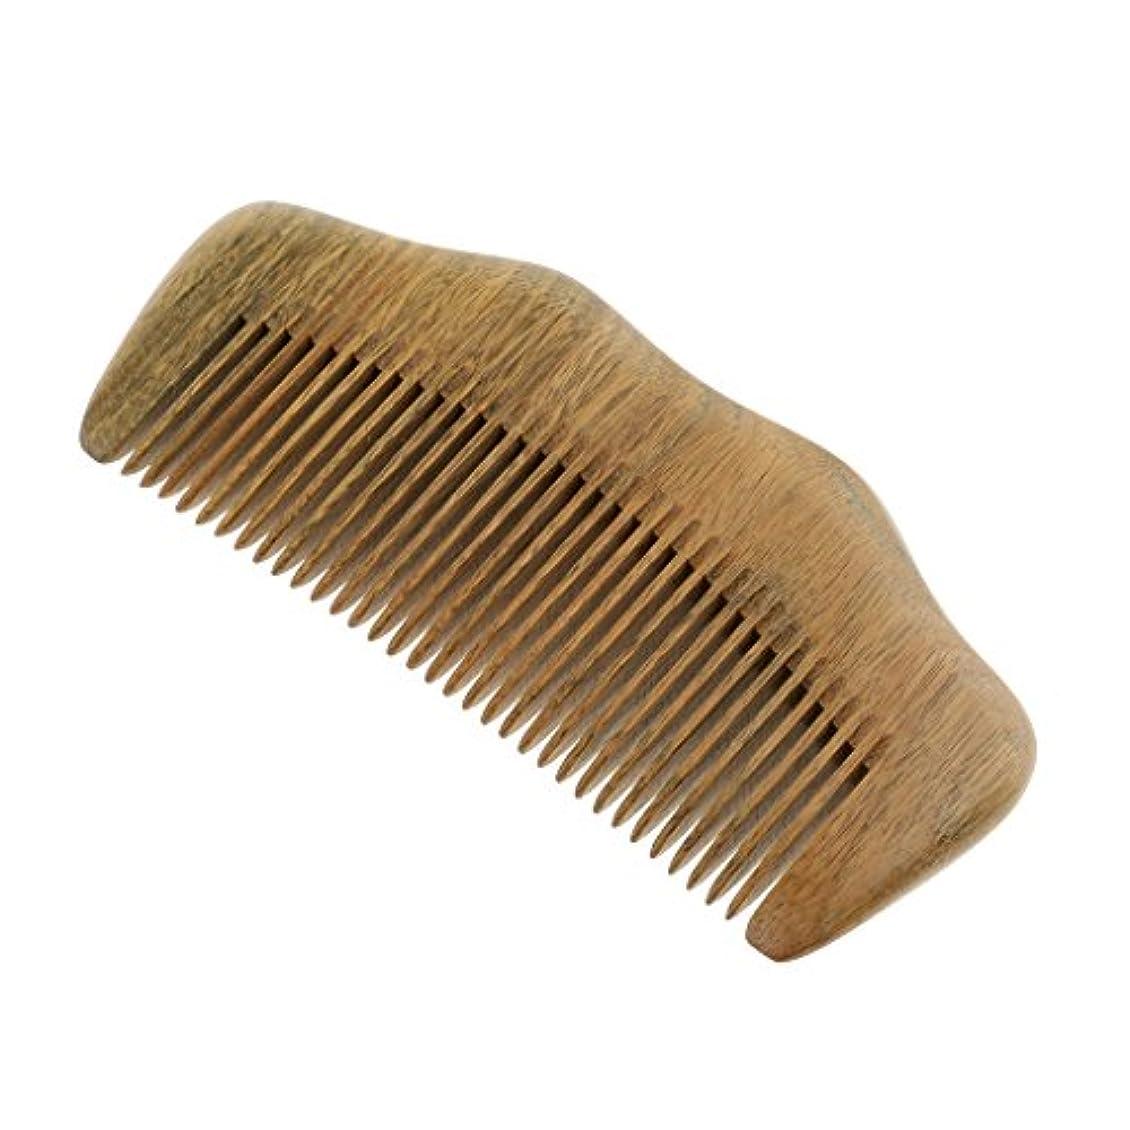 悪化させる愚か警報ウッドヘアコーム 自然な木 櫛 ヘアケア マッサージ 細かい歯 静電気防止 滑らか